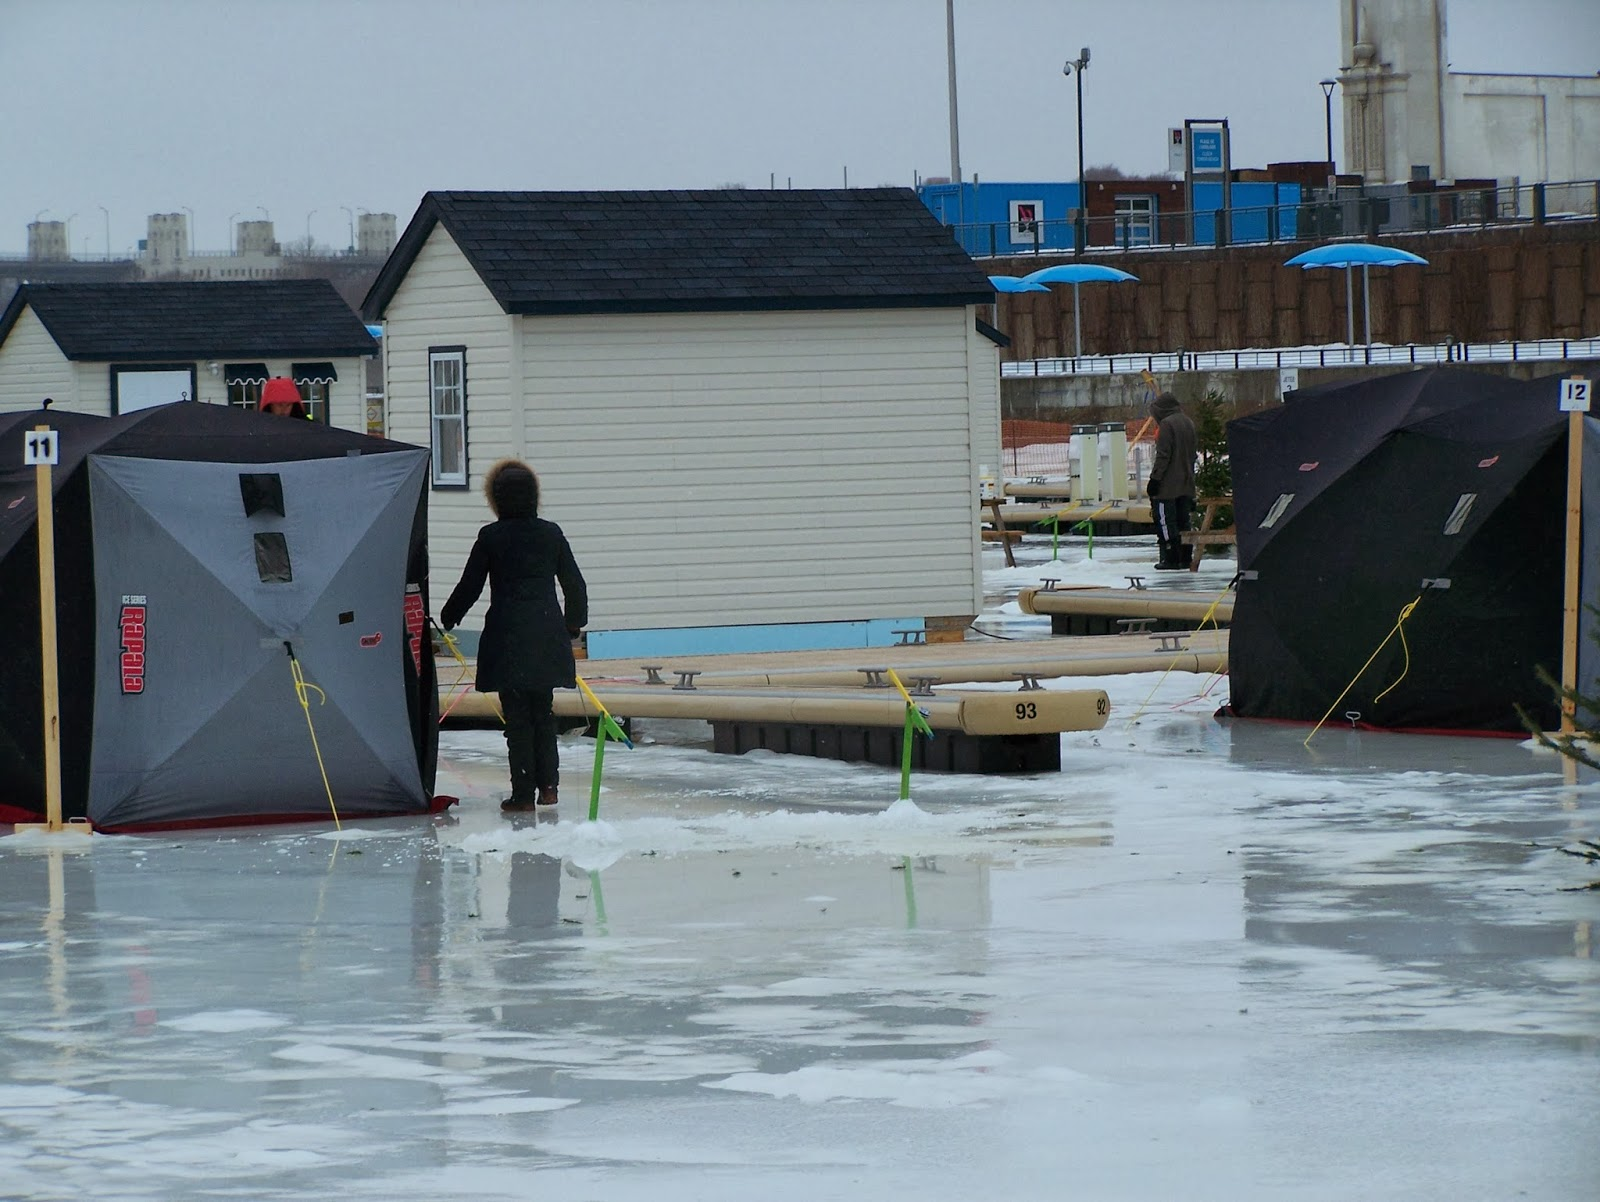 pêche blanche, pêche sous la glace, Daniel Lefaivre, blogue Daniel Lefaivre